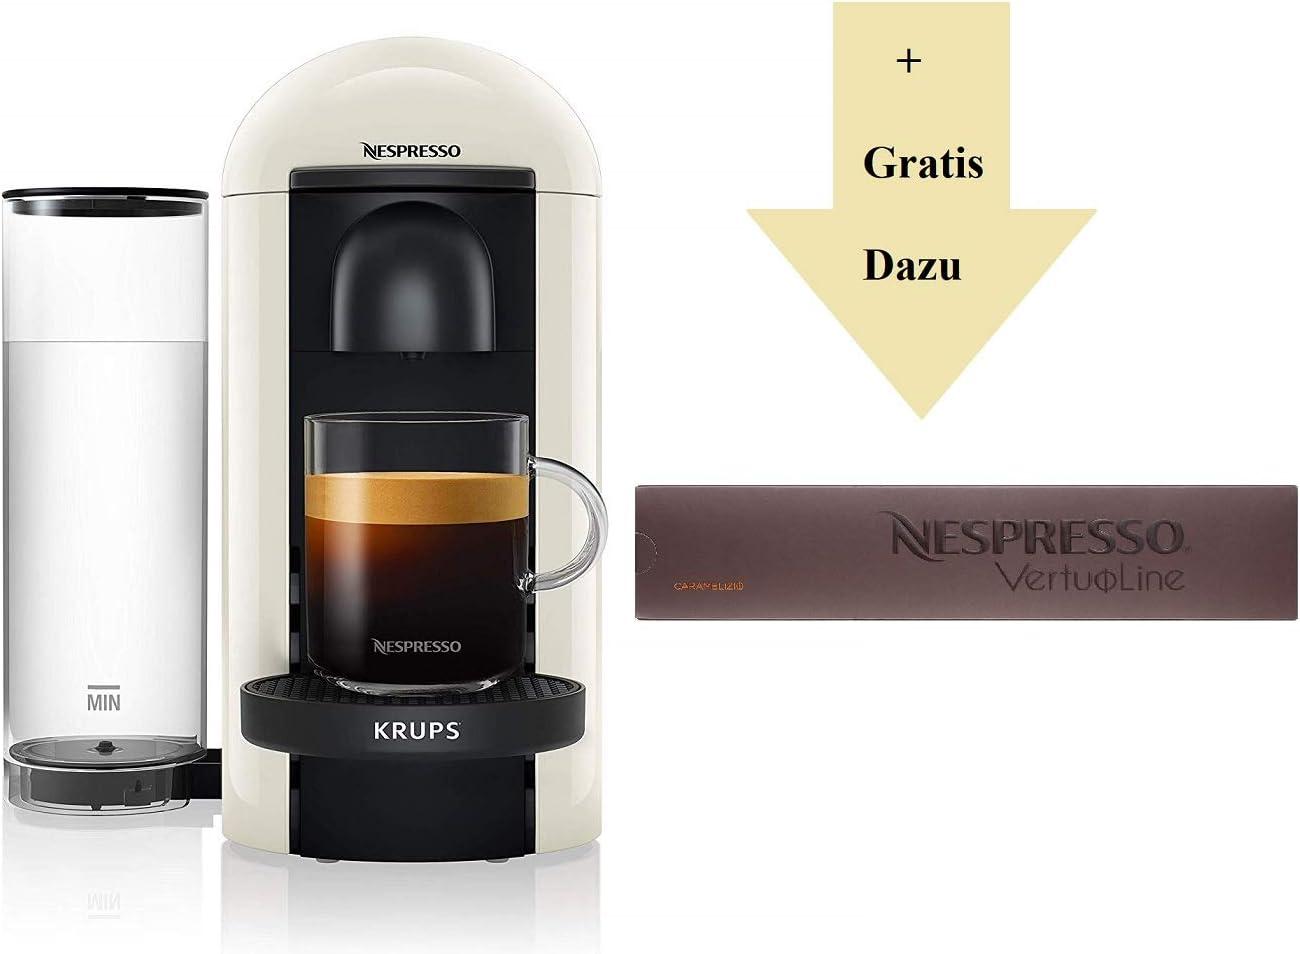 Krups Nespresso XN9031 Vertuo Plus - Cafetera Nespresso (reconocimiento automático de las cápsulas, depósito de agua de 1,1 l, 5 tazas, 10 cápsulas de caramelo), color blanco: Amazon.es: Hogar